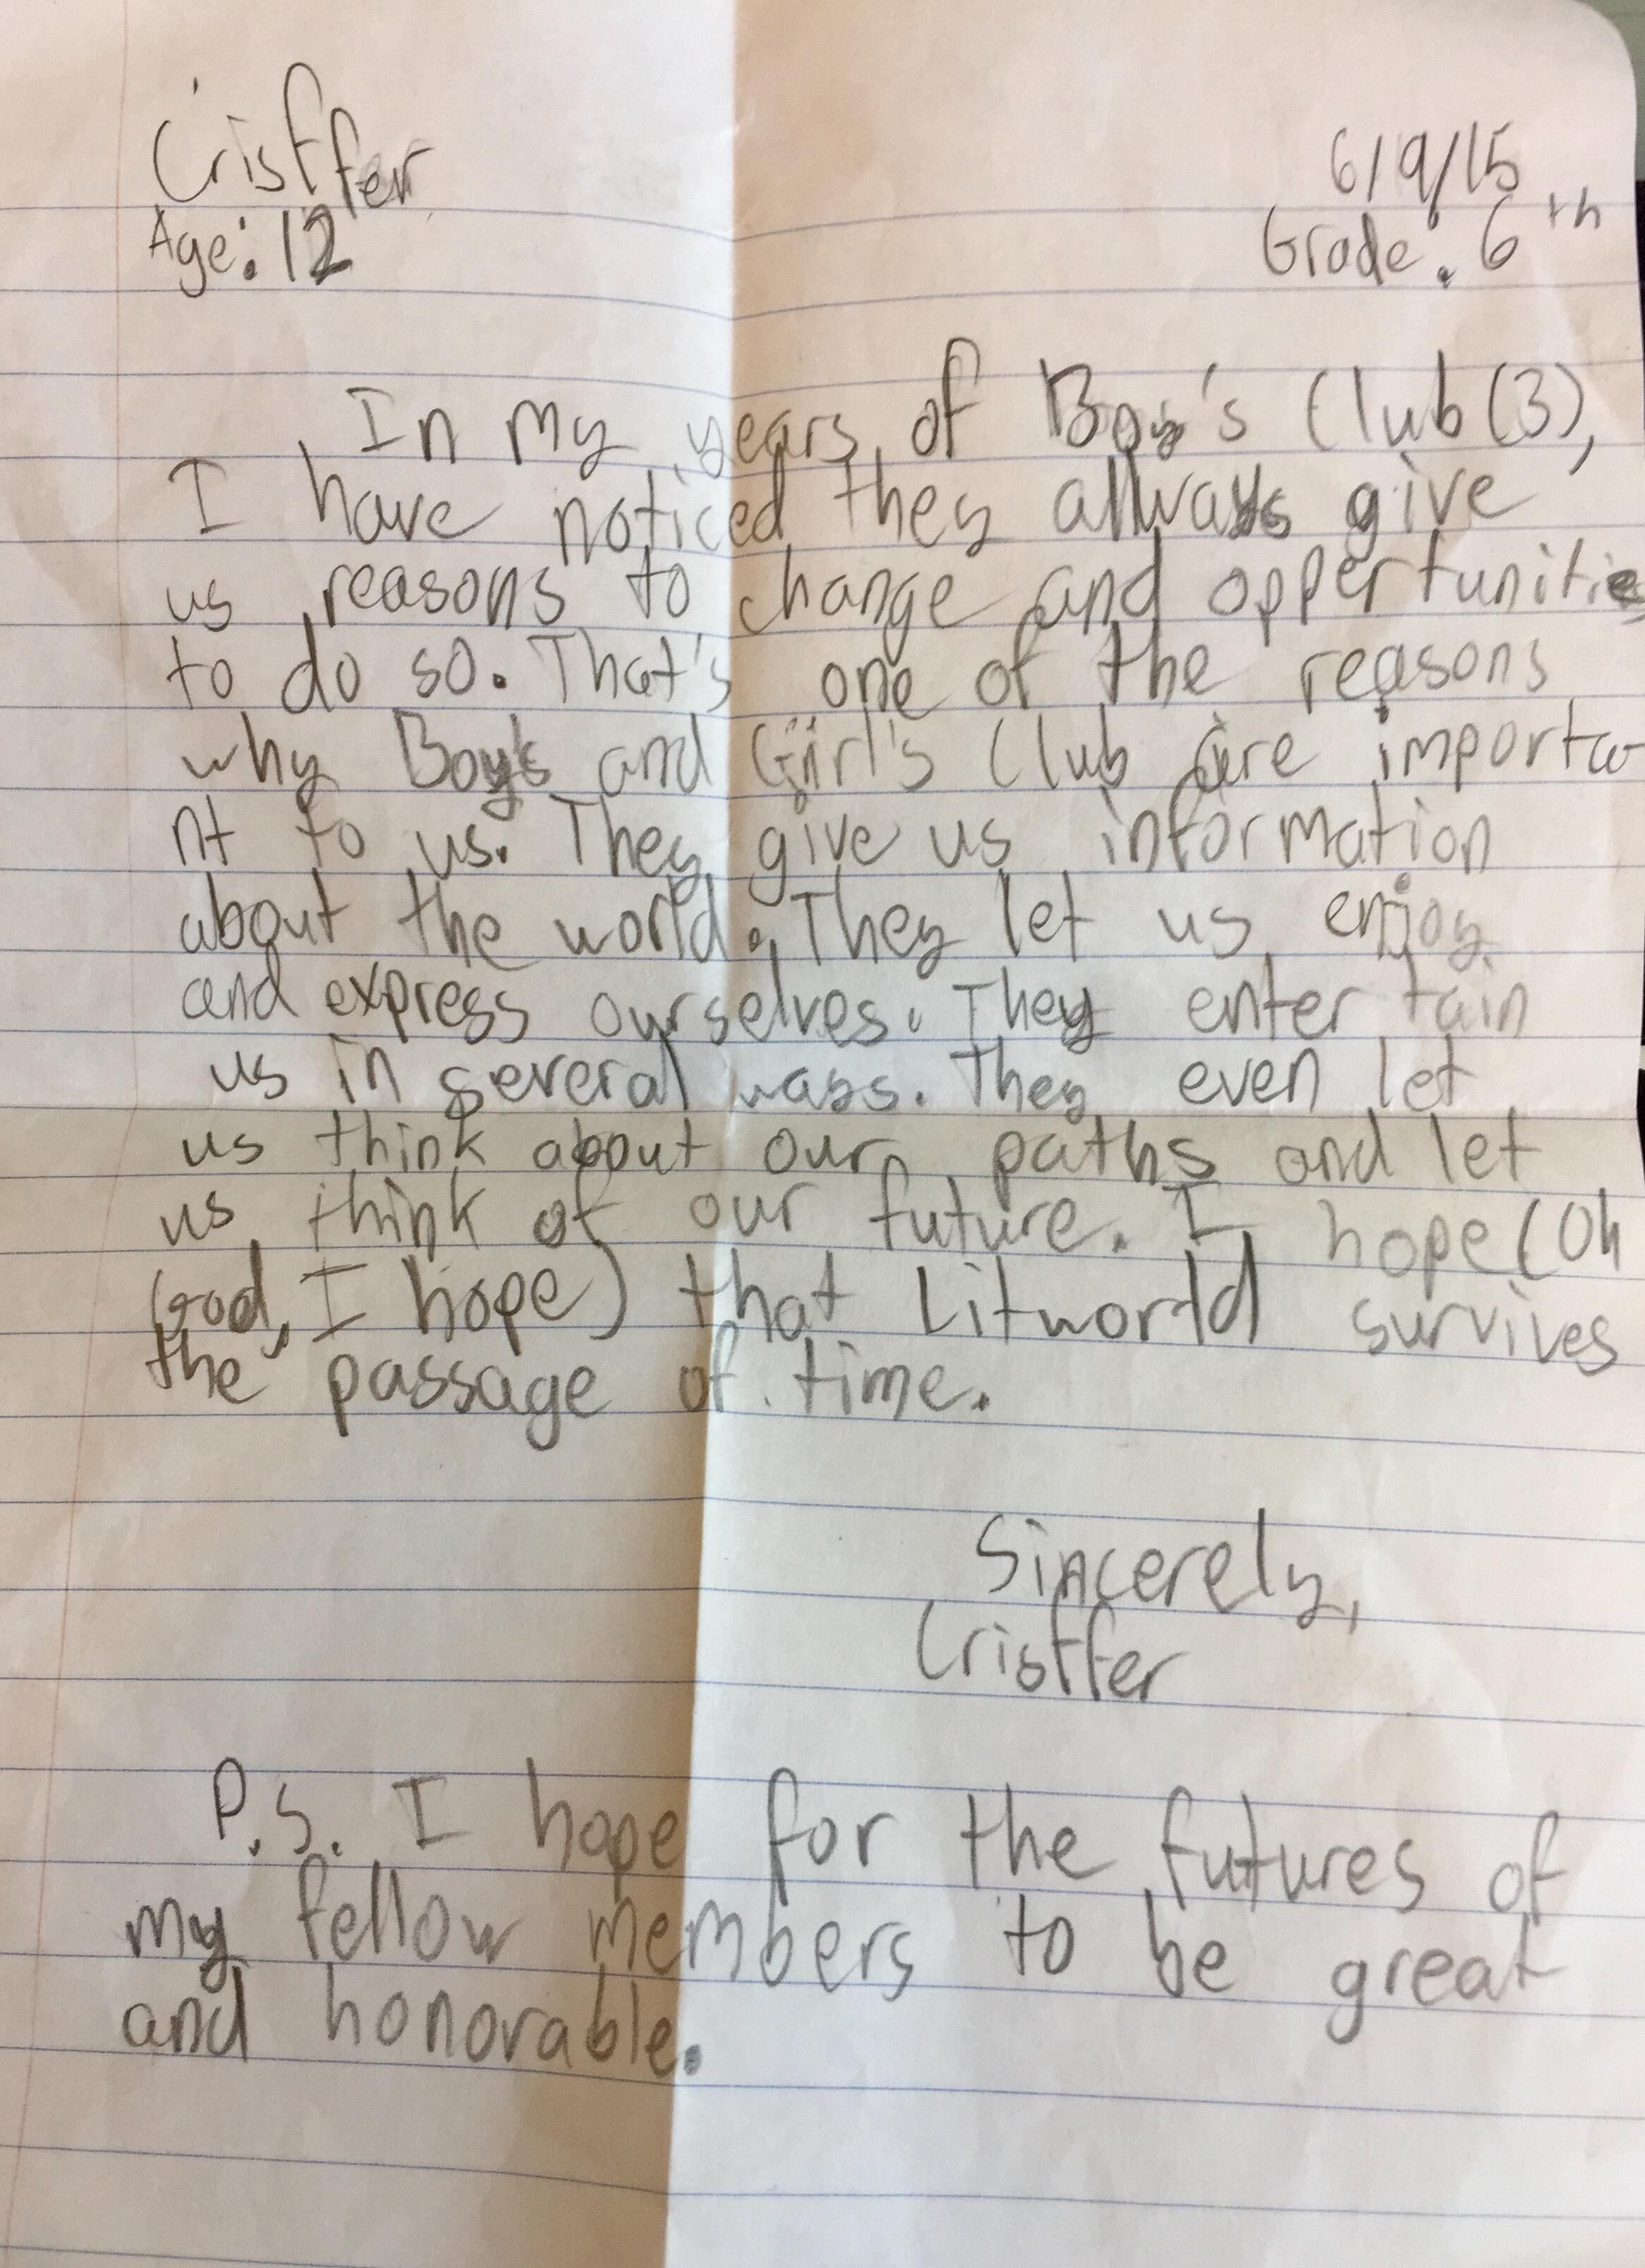 Crisffer's Letter.jpg